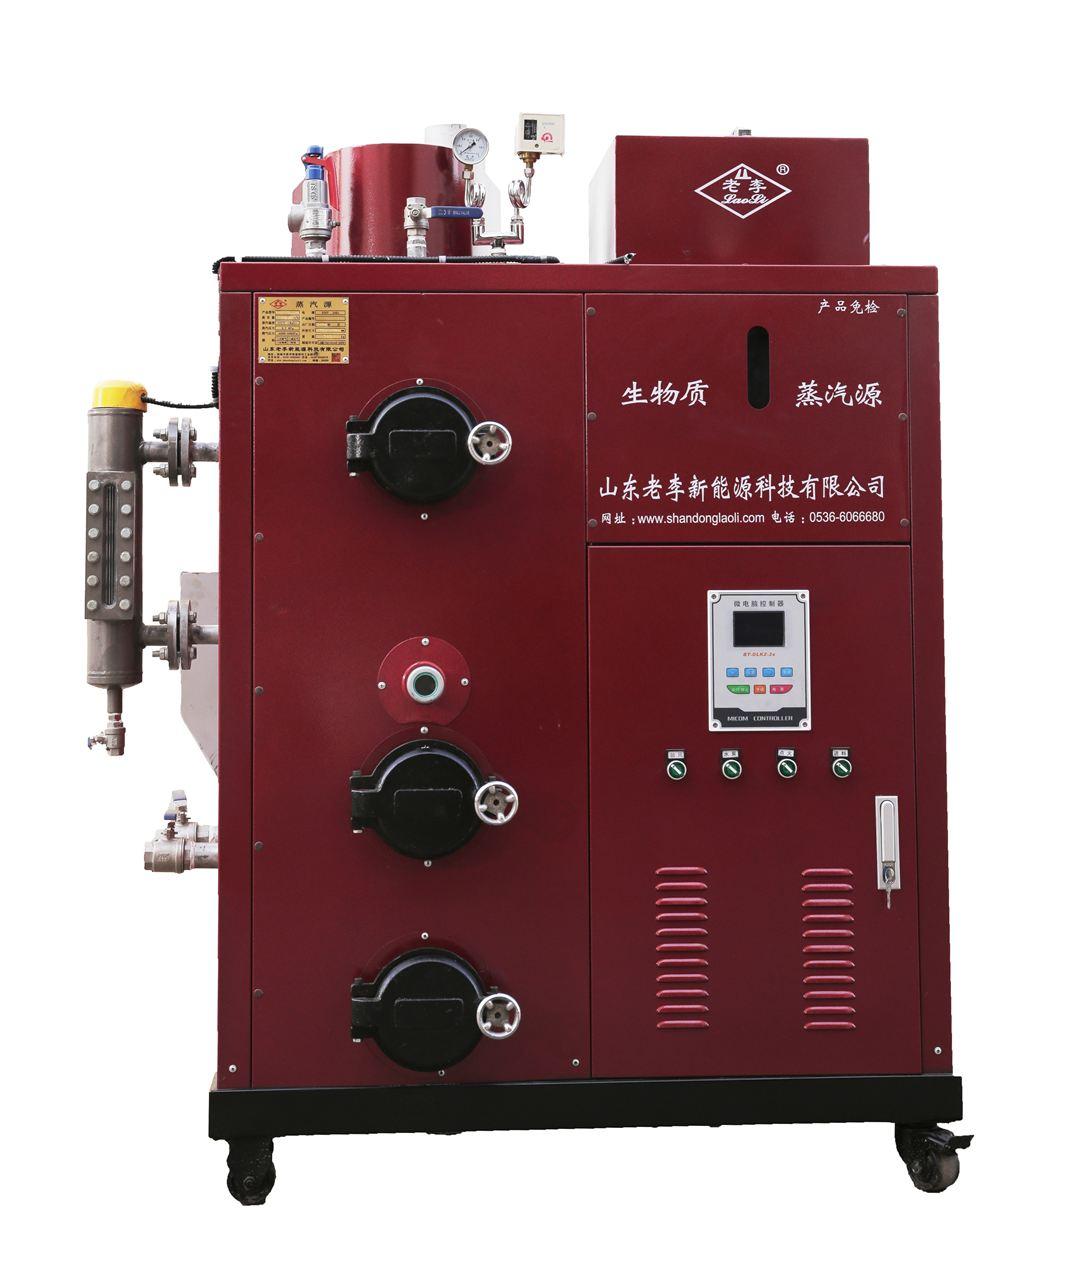 全自动蒸汽发生器小型蒸汽发生器简单介绍